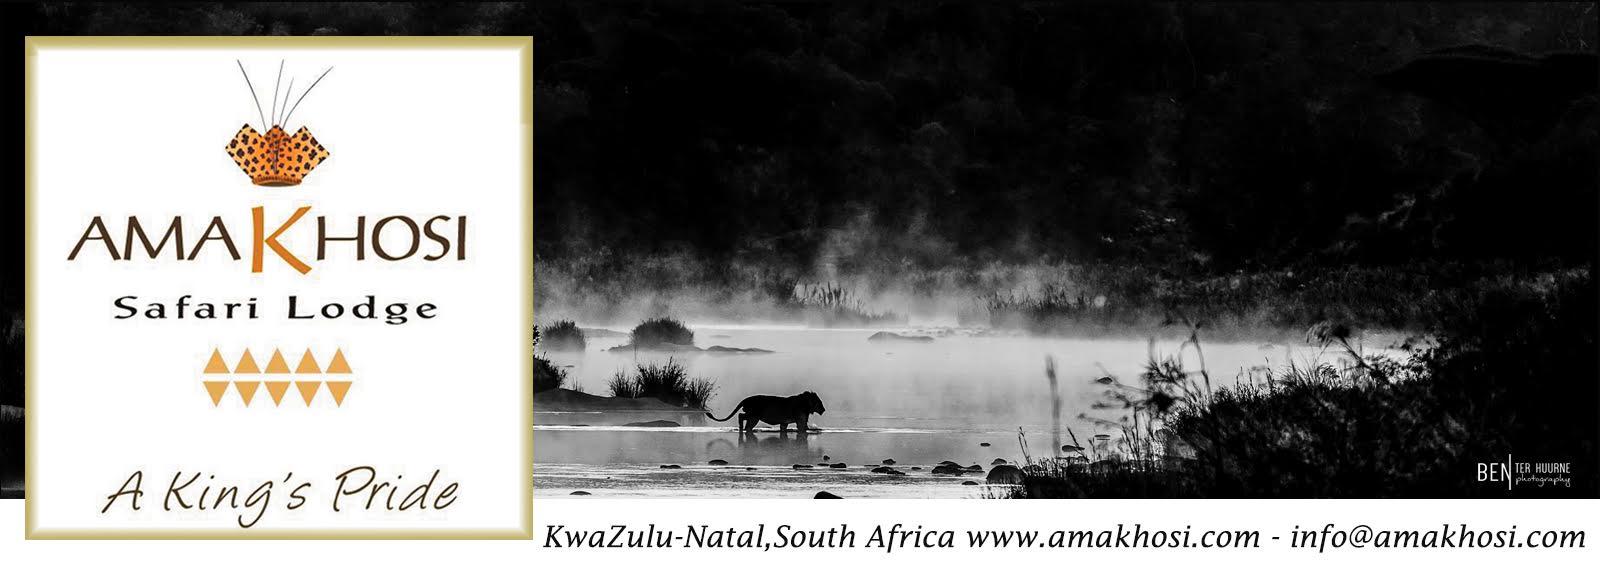 amakhosi-safari-lodge